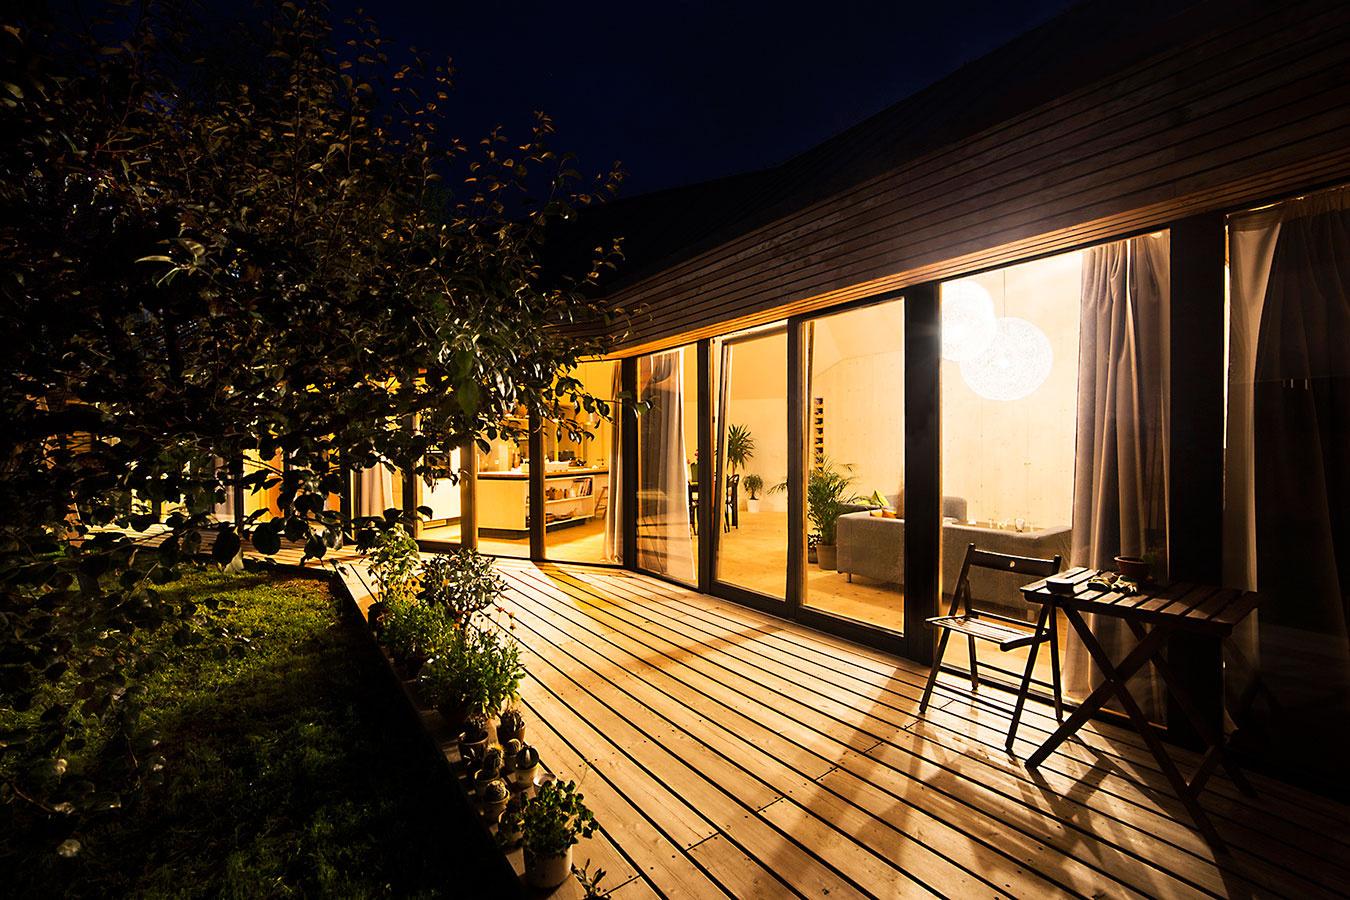 Terasa je kontinuálnym pokračovaním vnútornej podlahy do záhrady, zasklená stena poskytuje maximálne spojenie sexteriérom aj prirodzené ohrievanie interiéru. Vduchu želania majiteľov sa architekti snažili čo najviac priblížiť pasívnemu štandardu, nie však na úkor architektúry.